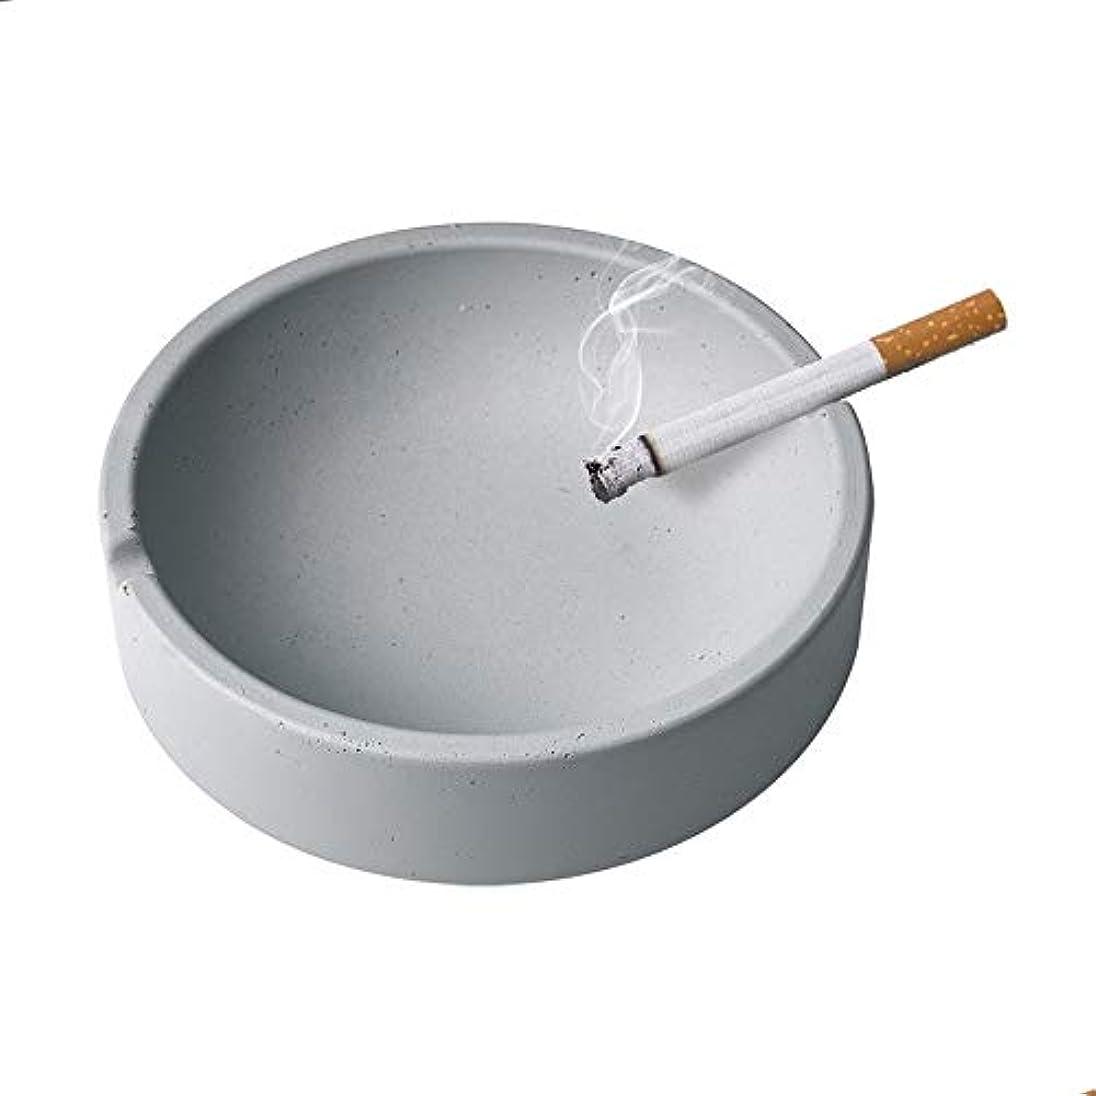 主に慰め副屋内または屋外での使用のためのタバコの灰皿、喫煙者のための灰ホルダー、ホームオフィスの装飾のためのデスクトップの喫煙灰皿